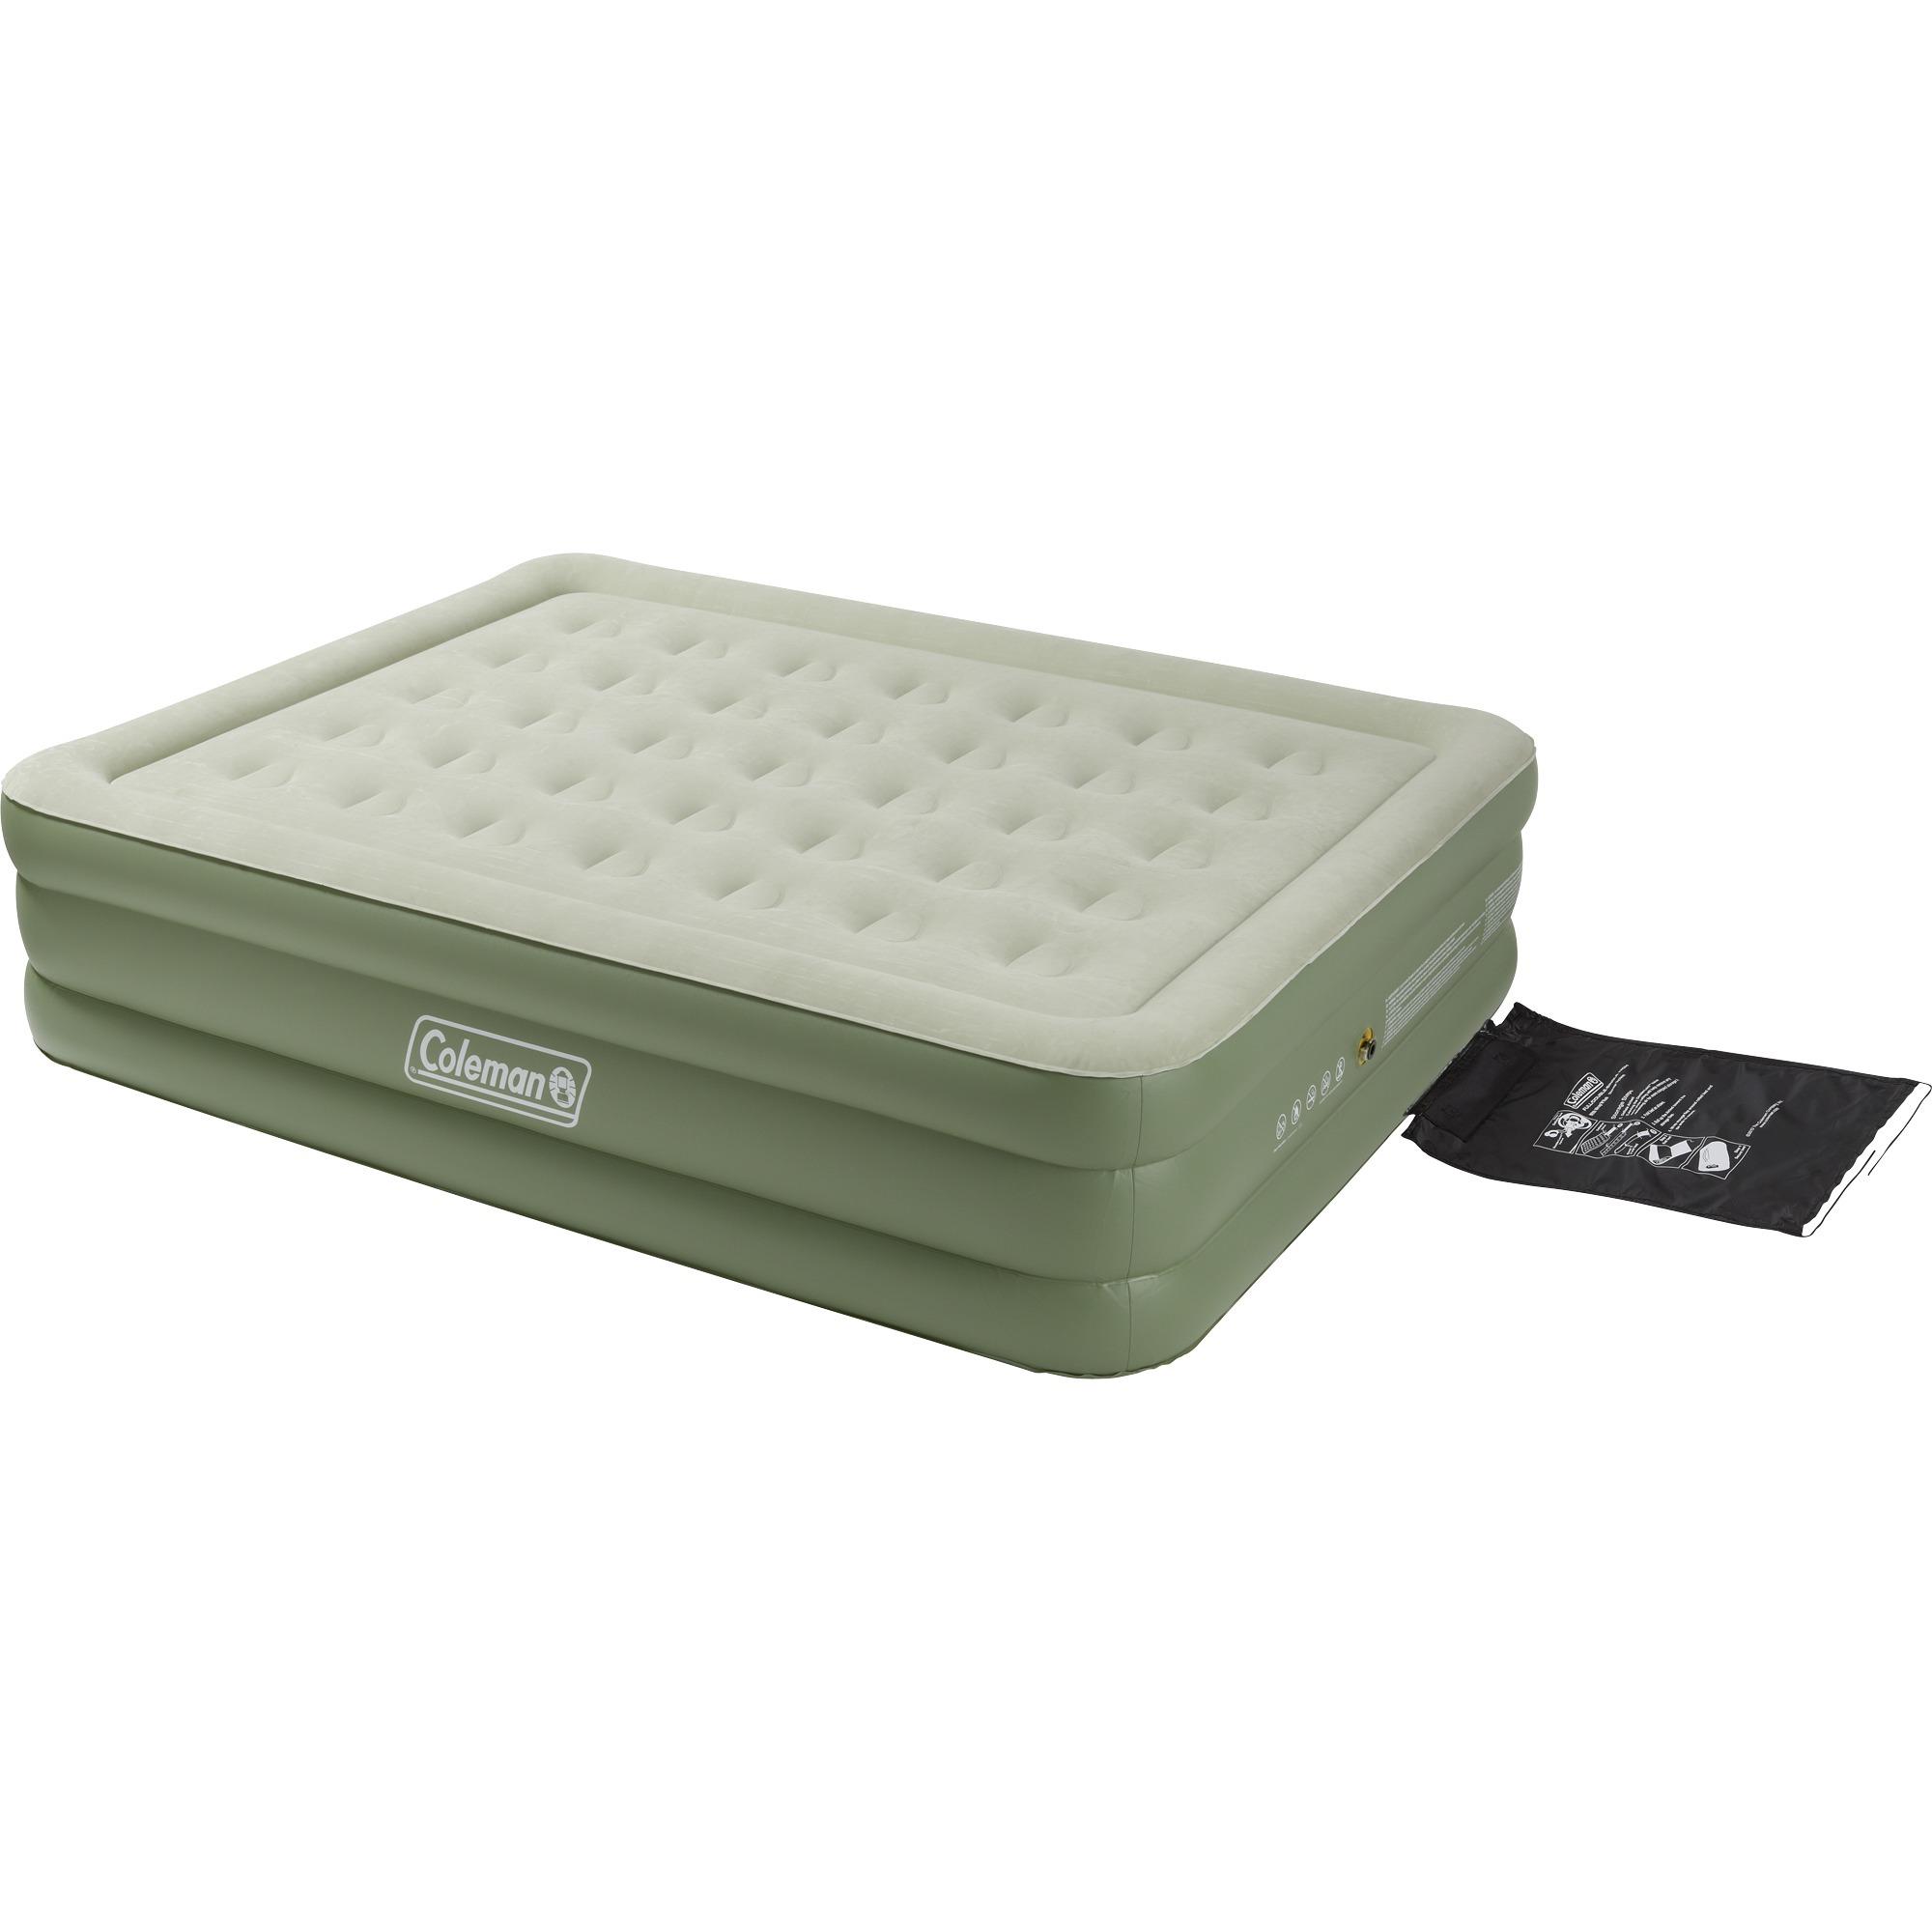 2000030167-air-bed